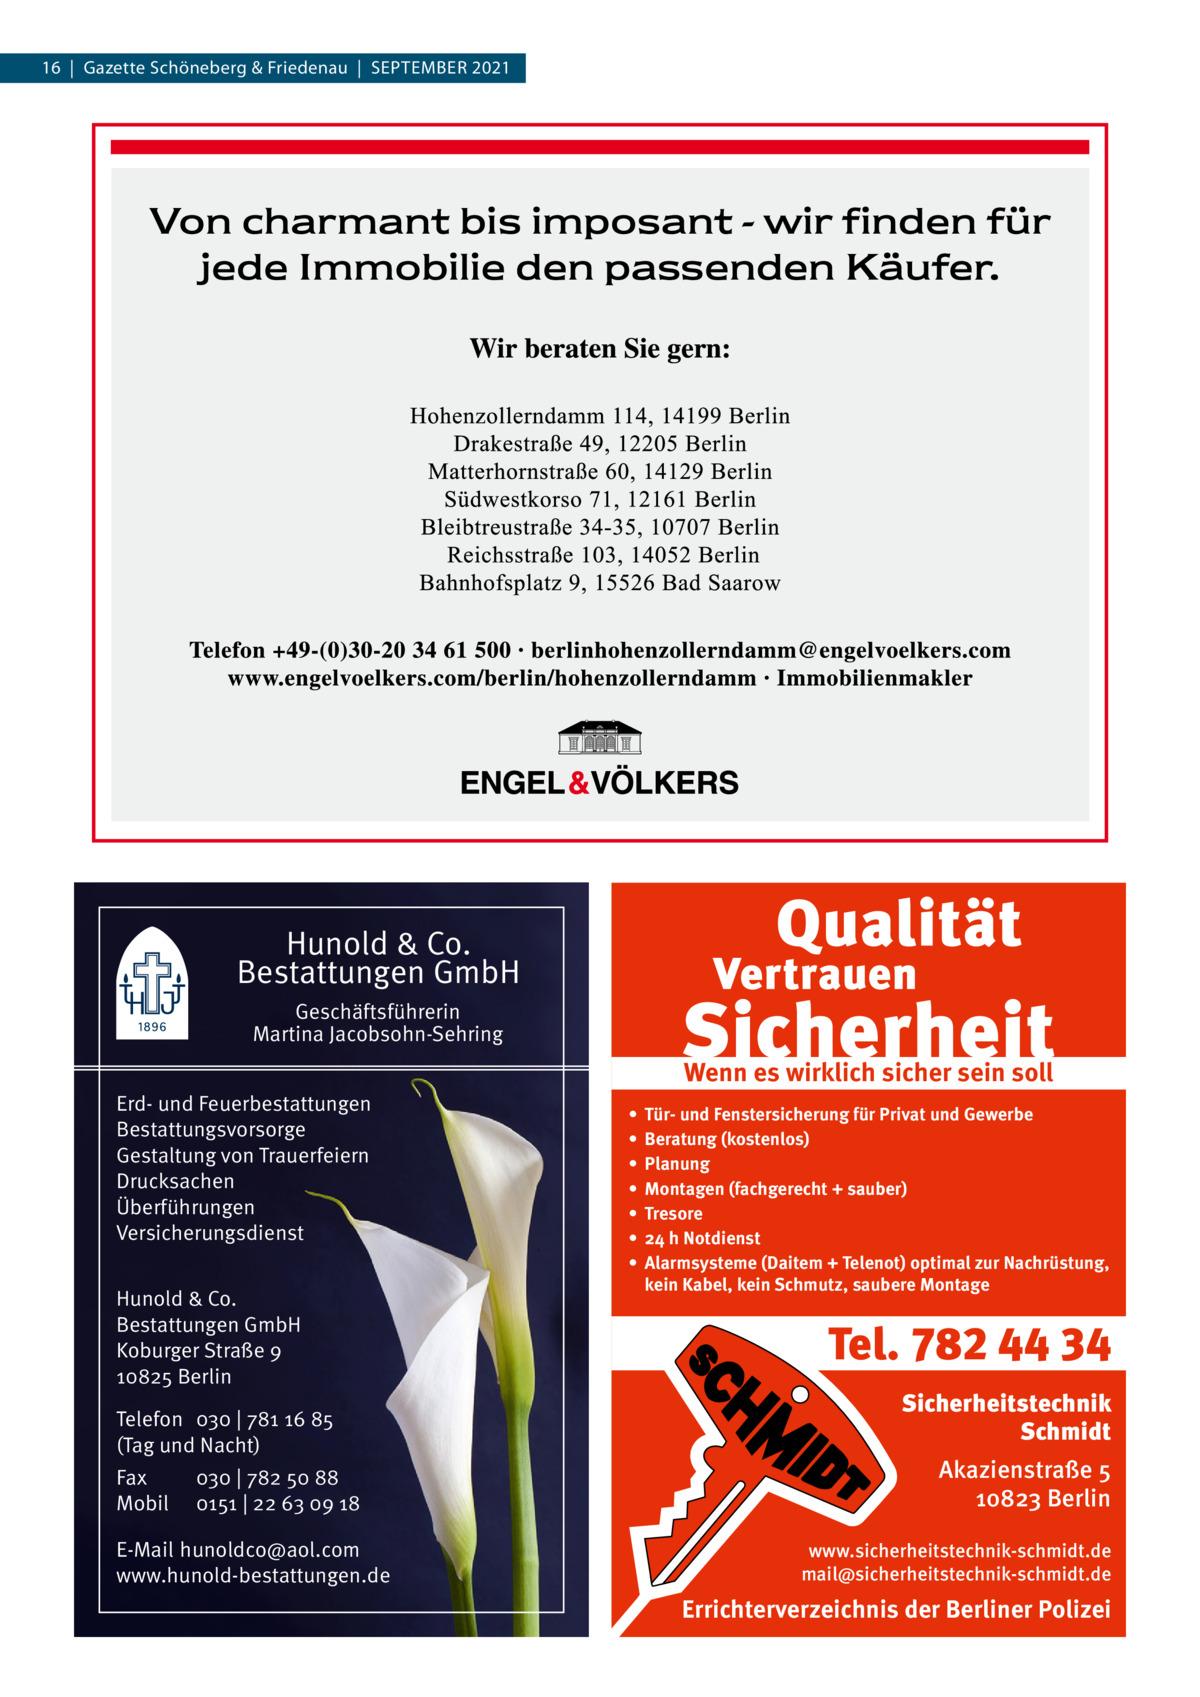 16 Gazette Schöneberg & Friedenau SEPtEMBER 2021  Hunold & Co. Bestattungen GmbH Geschäftsführerin Martina Jacobsohn-Sehring Erd- und Feuerbestattungen Bestattungsvorsorge Gestaltung von Trauerfeiern Drucksachen Überführungen Versicherungsdienst Hunold & Co. Bestattungen GmbH Koburger Straße 9 10825 Berlin Telefon 030   781 16 85 (Tag und Nacht) Fax Mobil  030   782 50 88 0151   22 63 09 18  E-Mail hunoldco@aol.com www.hunold-bestattungen.de  Wenn es wirklich sicher sein soll • • • • • • •  Tür- und Fenstersicherung für Privat und Gewerbe Beratung (kostenlos) Planung Montagen (fachgerecht + sauber) Tresore 24 h Notdienst Alarmsysteme (Daitem + Telenot) optimal zur Nachrüstung, kein Kabel, kein Schmutz, saubere Montage  Tel. 782 44 34 Sicherheitstechnik Schmidt Akazienstraße 5 10823 Berlin www.sicherheitstechnik-schmidt.de mail@sicherheitstechnik-schmidt.de  Errichterverzeichnis der Berliner Polizei